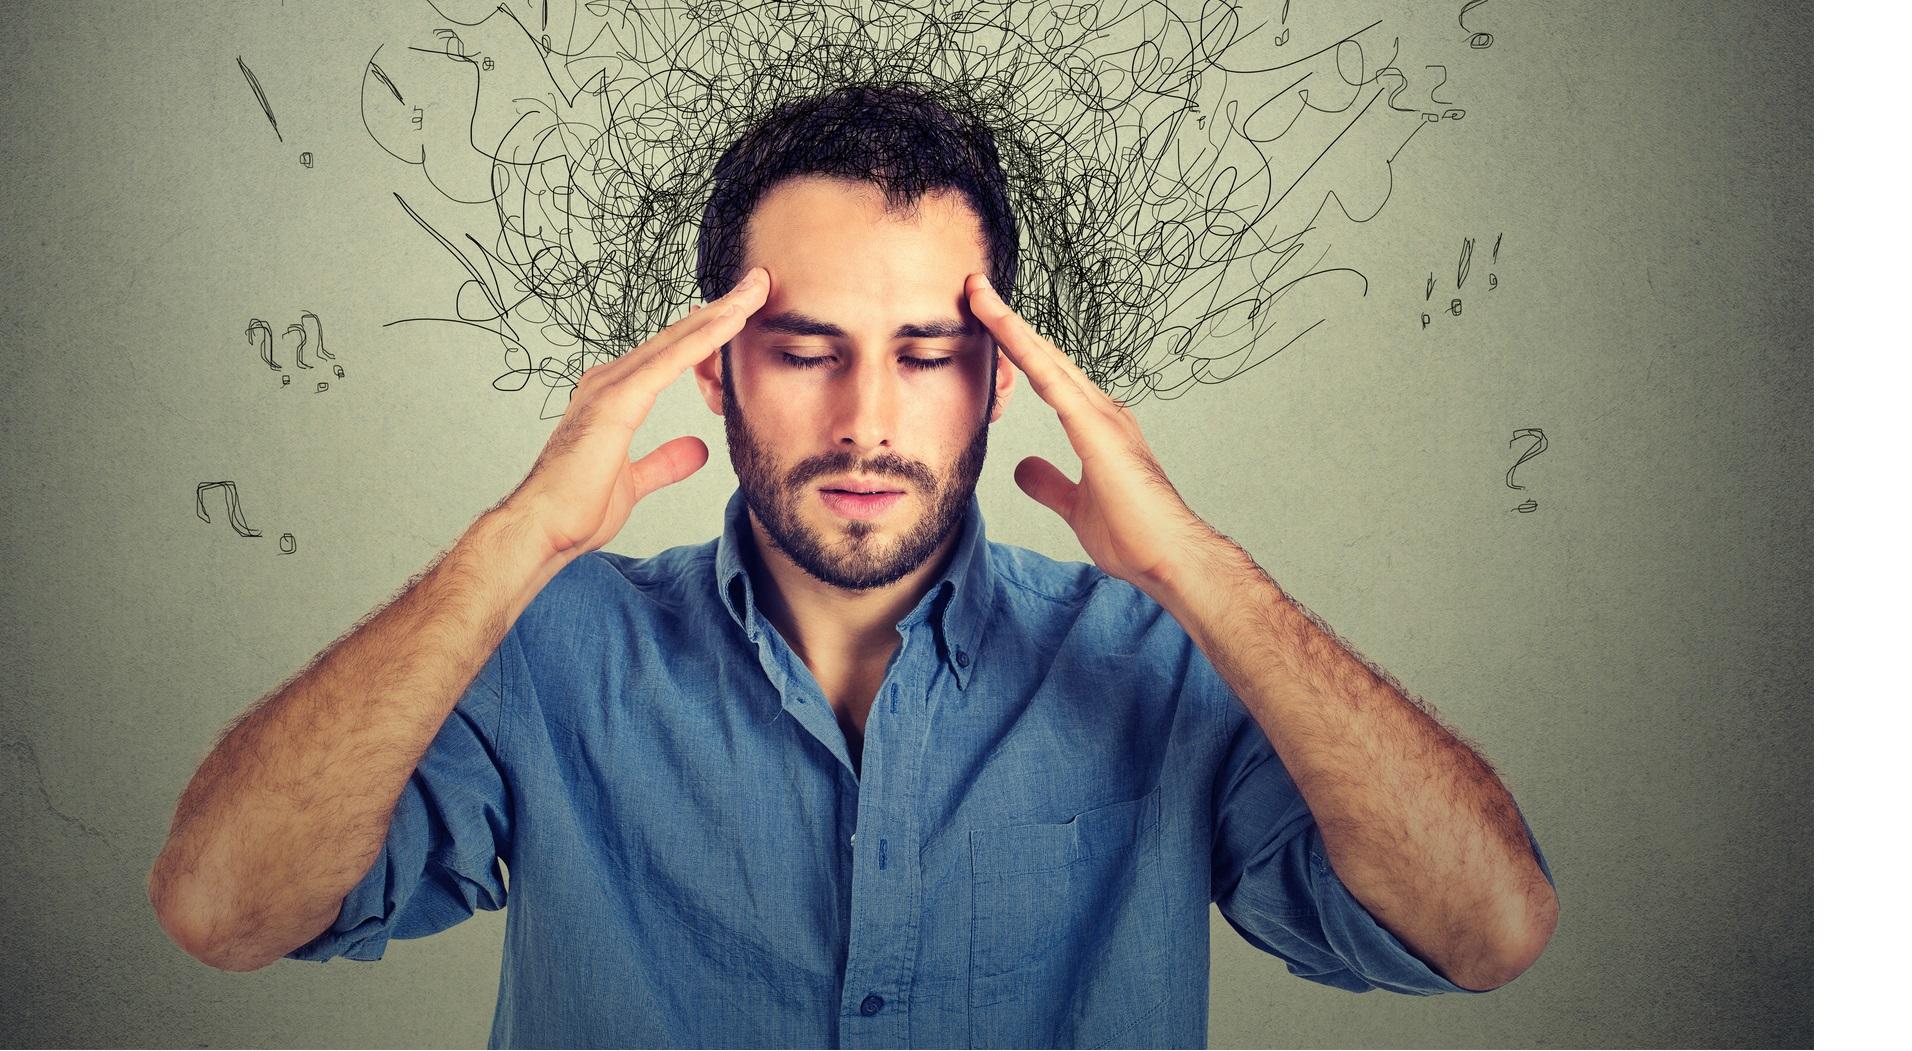 Αυτοφροντίδα: Απελευθέρωσε τον εαυτό σου από το καθημερινό άγχος